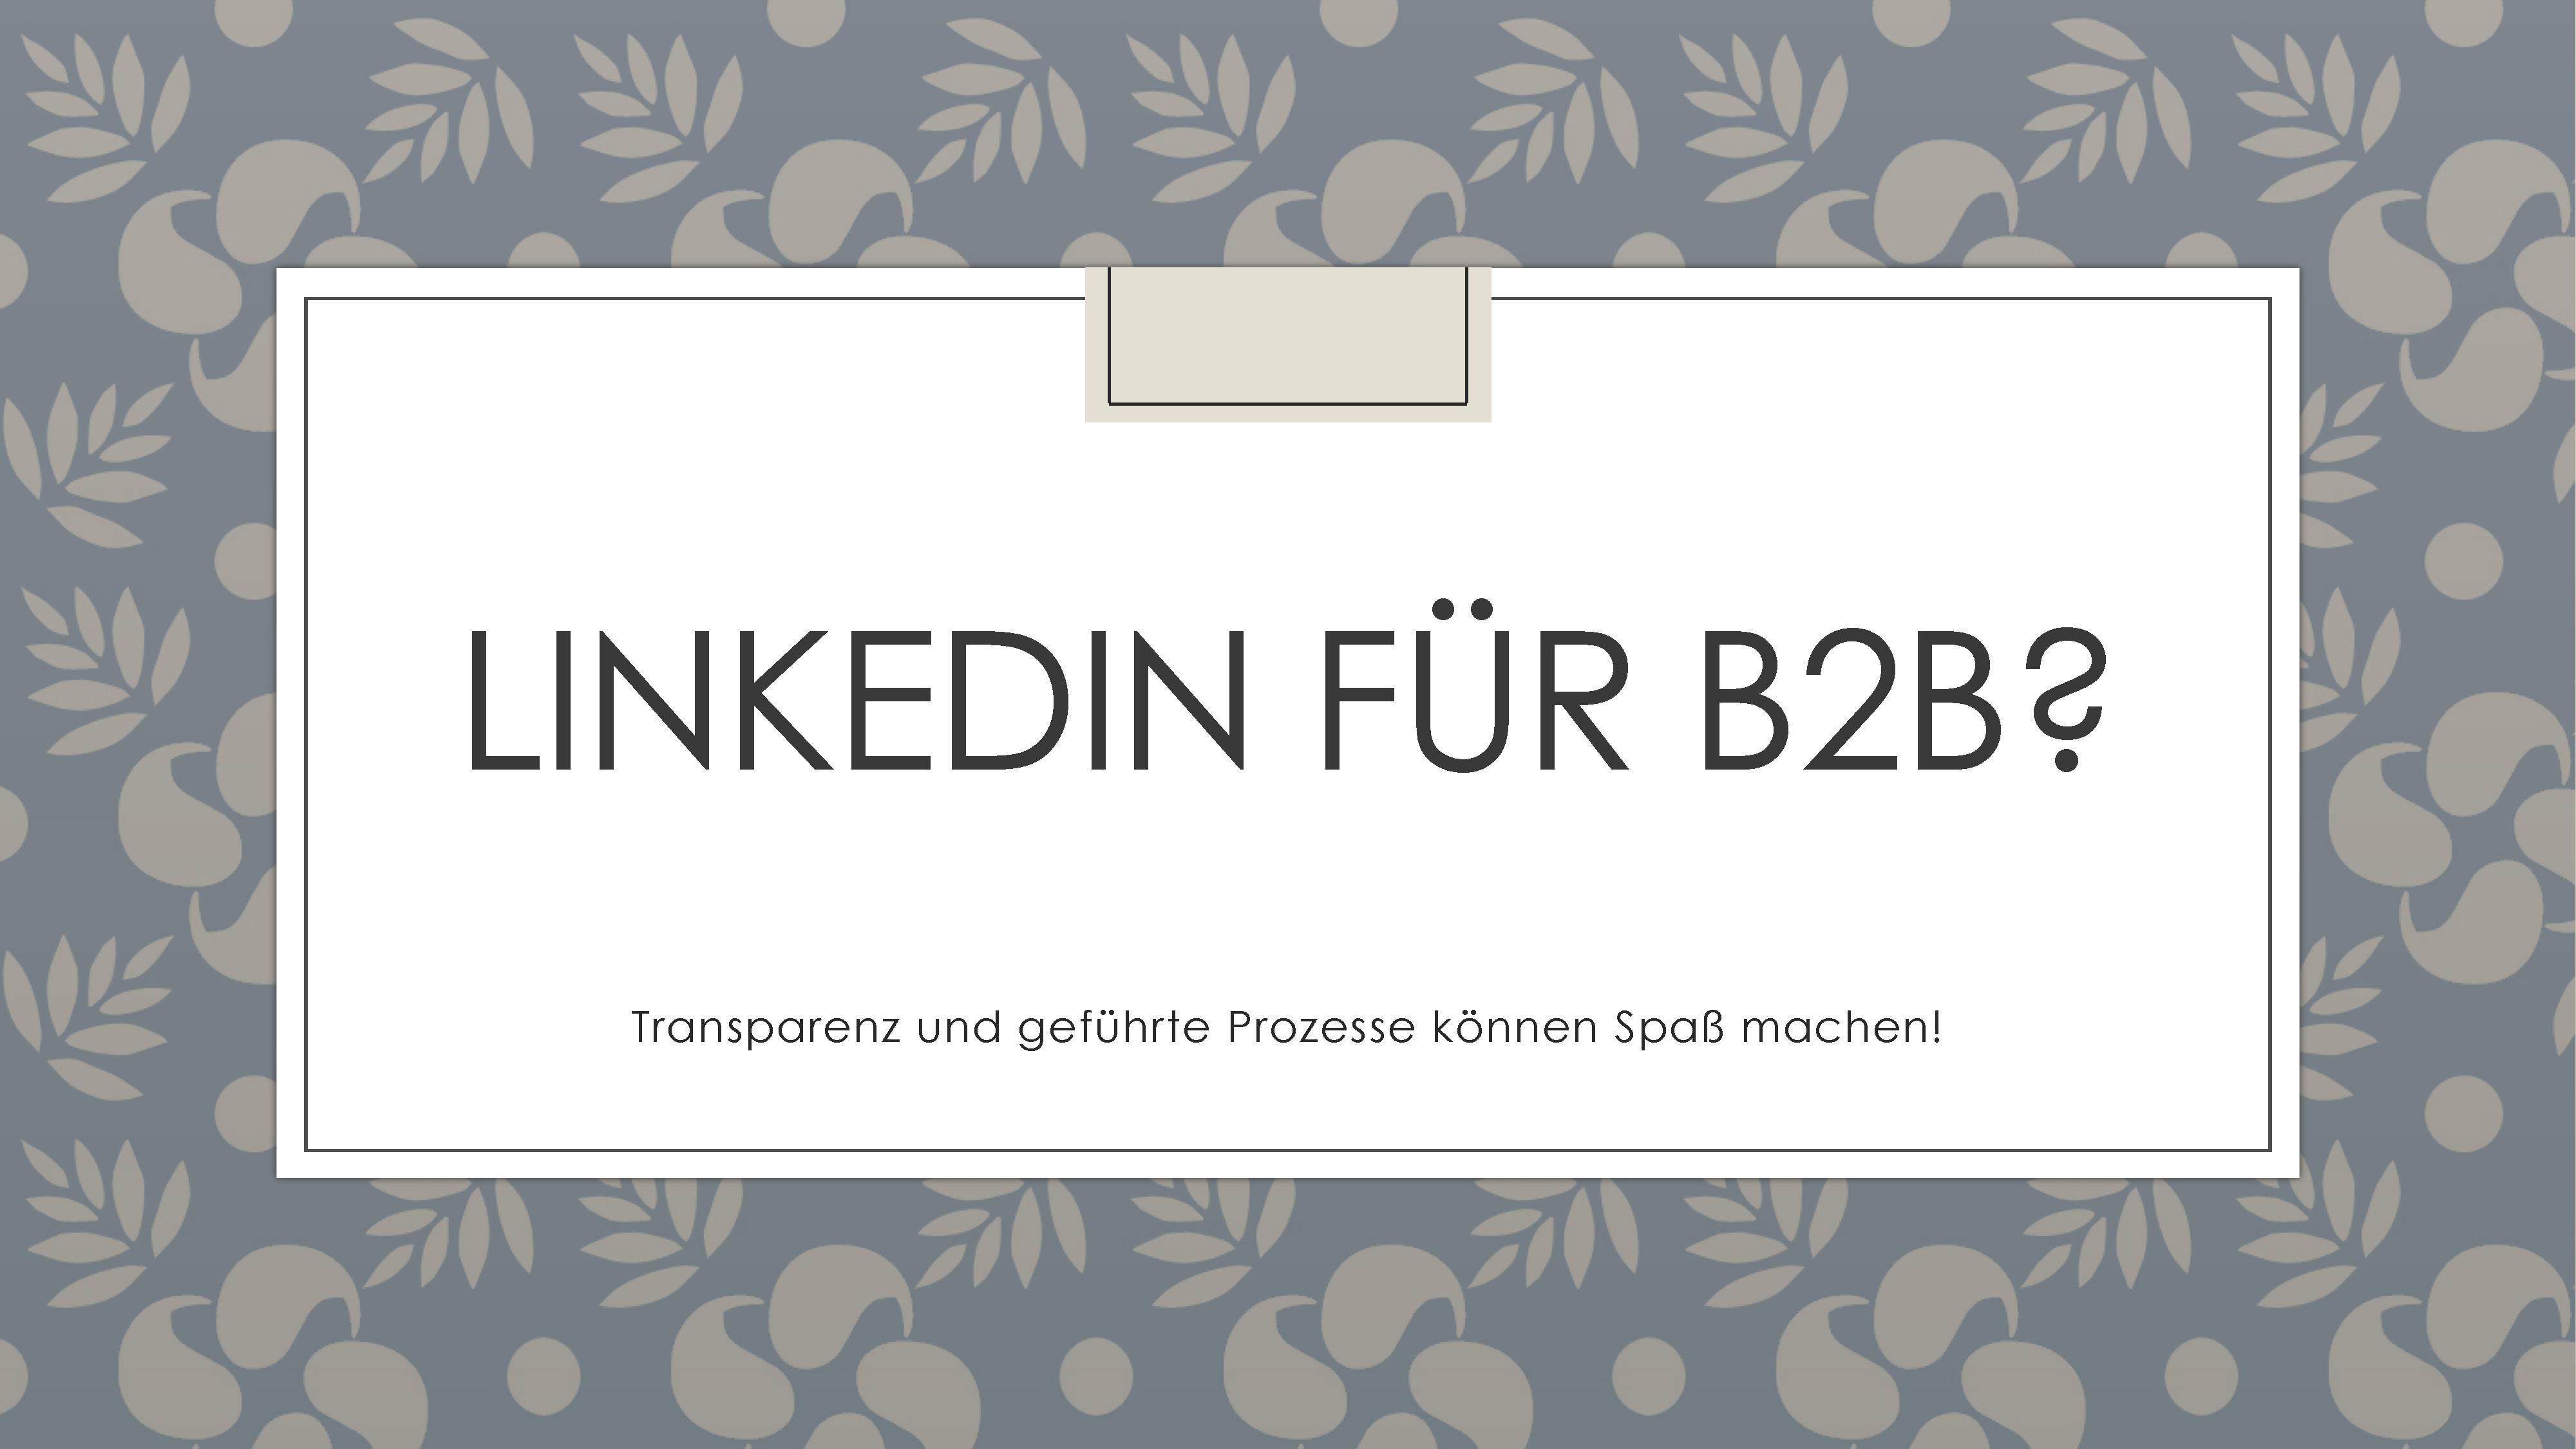 Wirksame Prozessschablonen für LinkedIn-Kampagnen